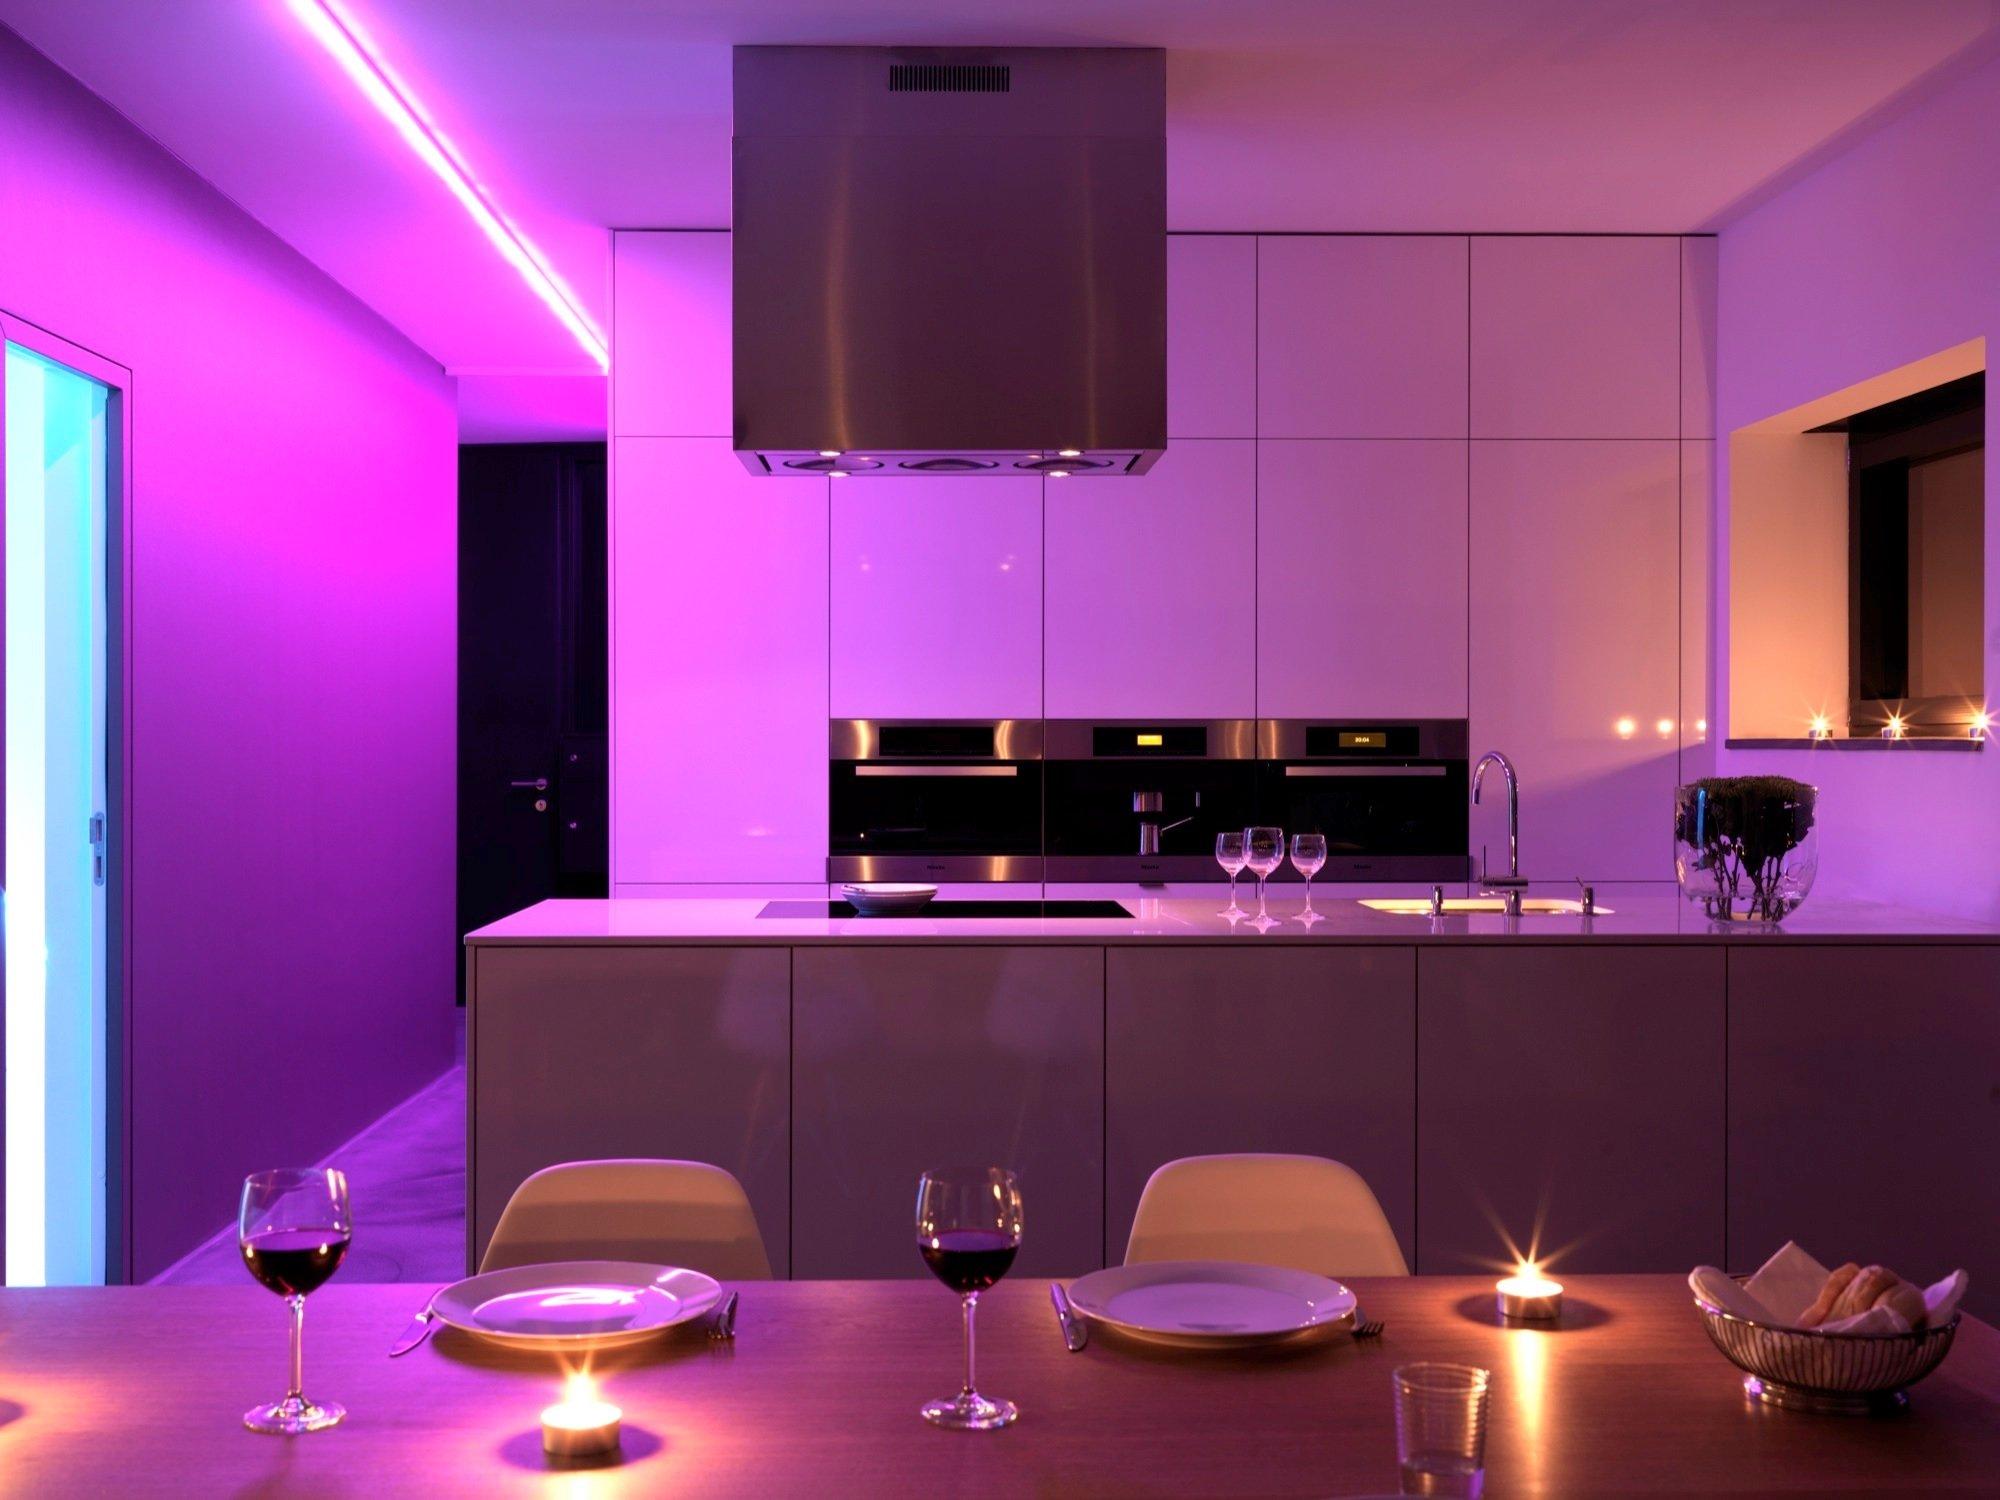 подсветка для кухни идеи фото